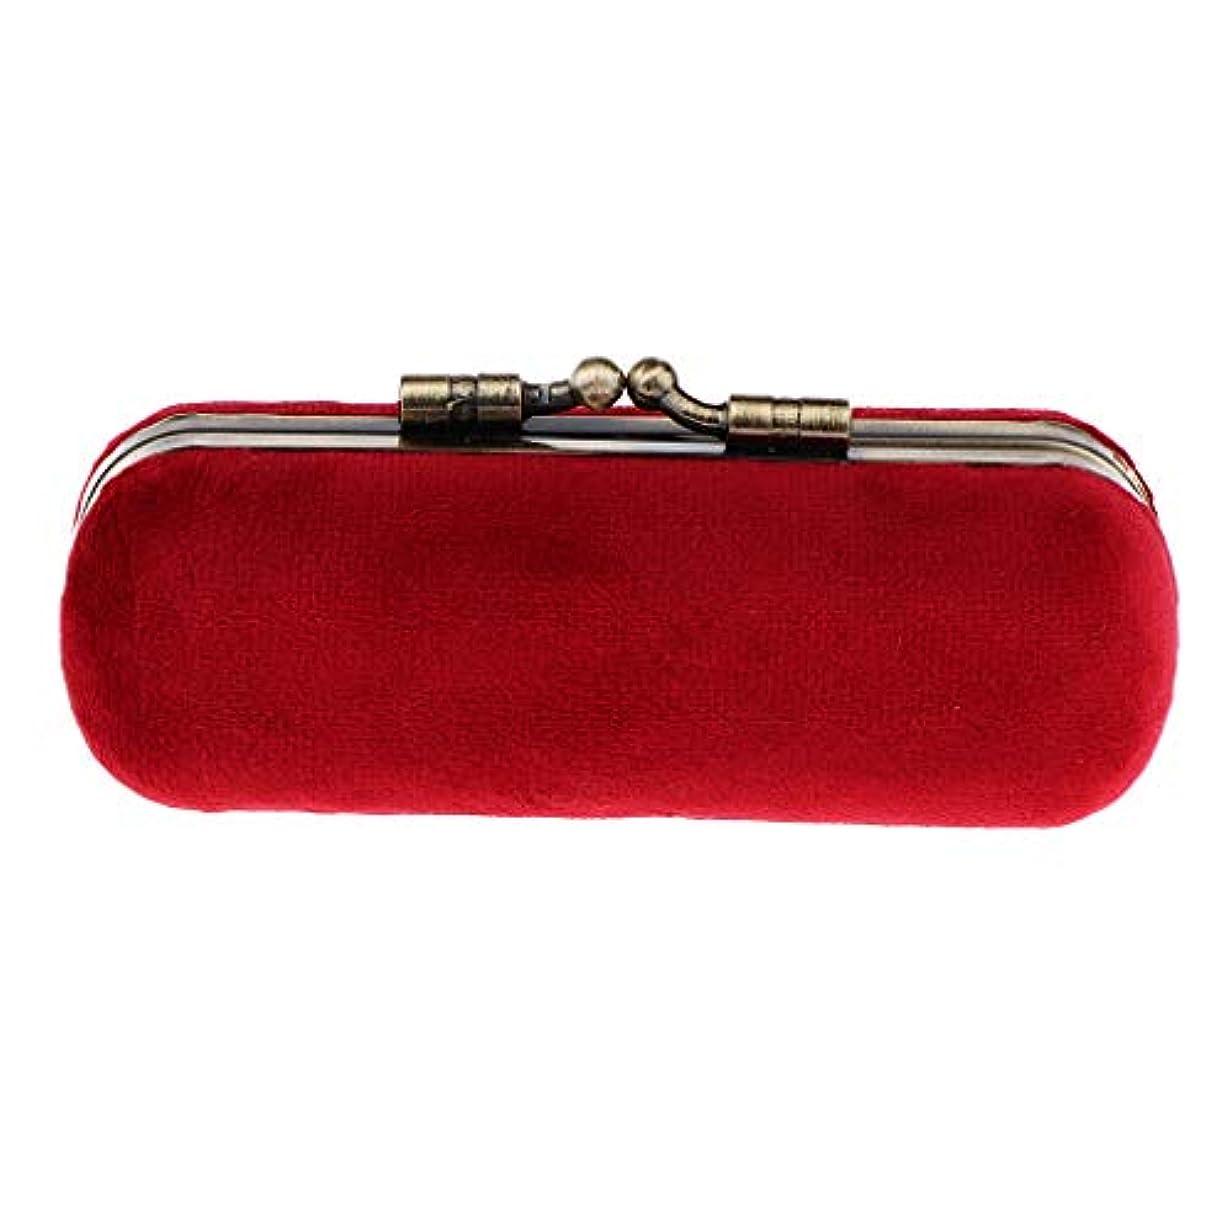 満州ジョージハンブリー効能あるP Prettyia 8色 口紅ホルダー 化粧ケース 収納ボックス ミラー 財布ポケット 化粧ポーチ - 赤紫